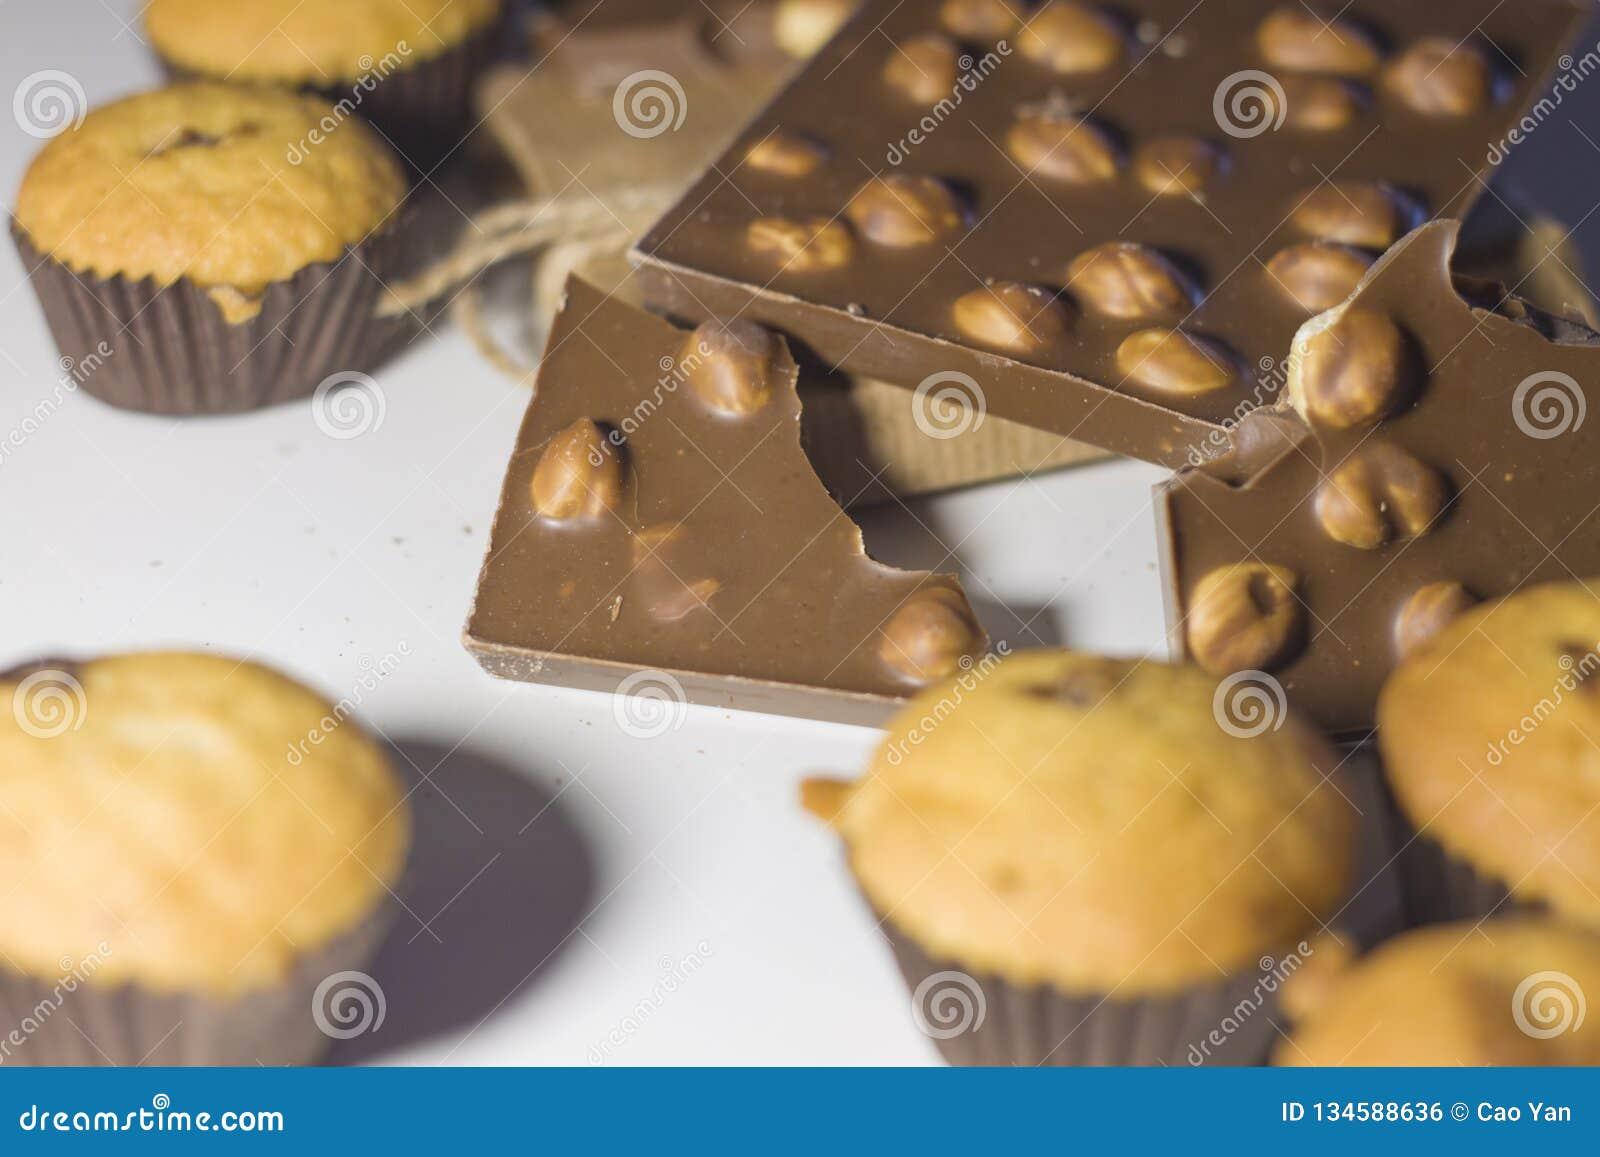 甜点、巧克力与坚果和松饼特写镜头在白色背景